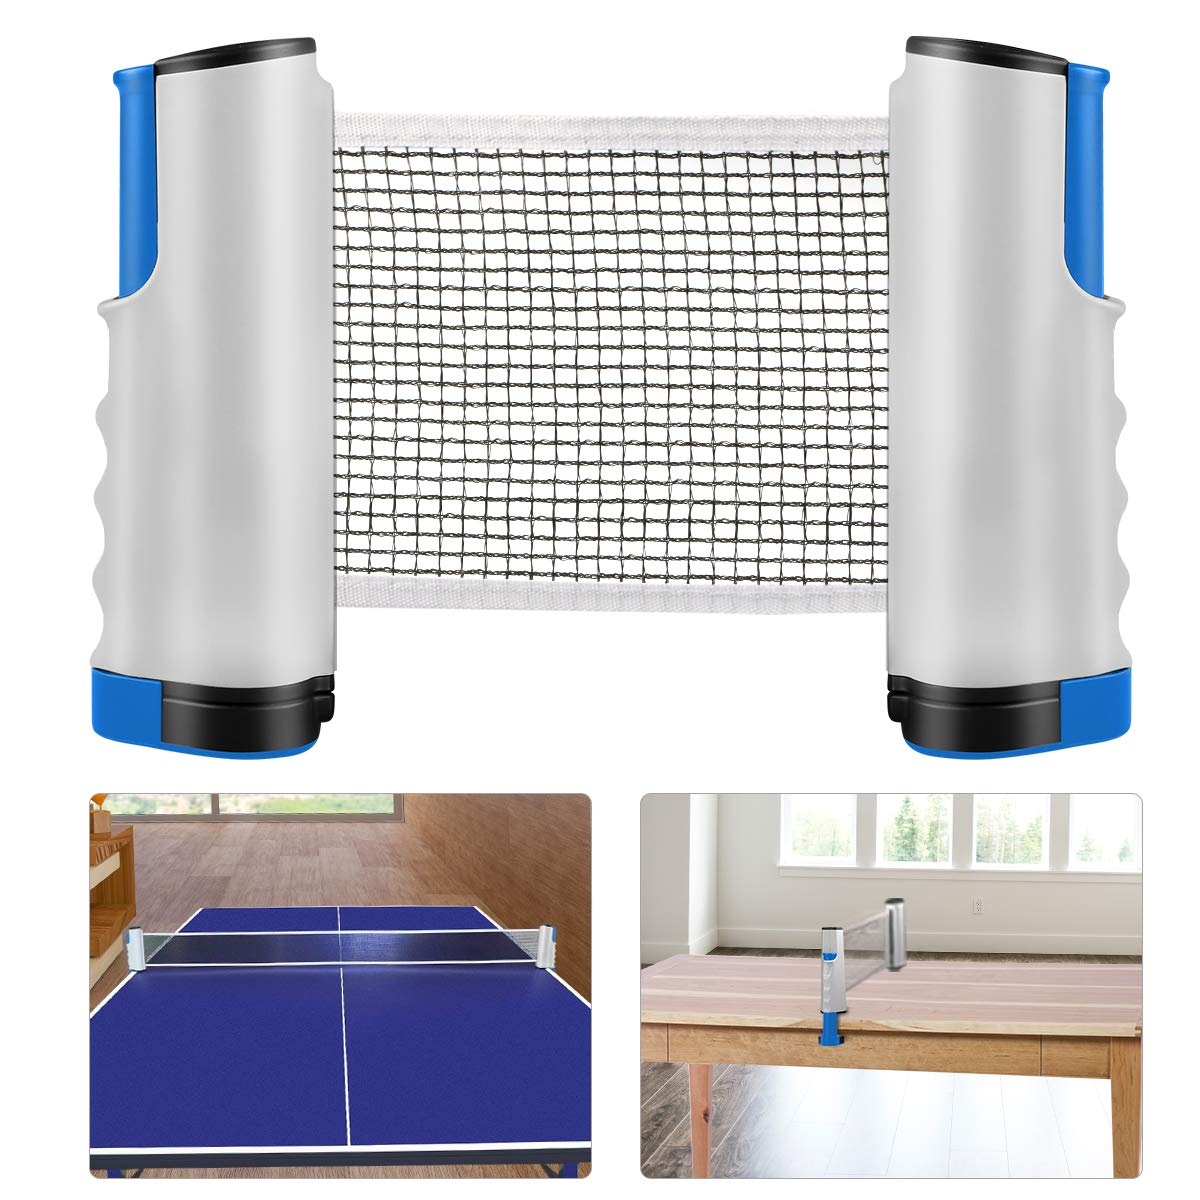 Red de Tenis de Mesa, Repuesto Portátil Retráctil Table Tennis Net - Ping Pong Net para Entrenamiento Abrazaderas, Longitud ajustable 200 (max) x 14.5cm: Amazon.es: Deportes y aire libre